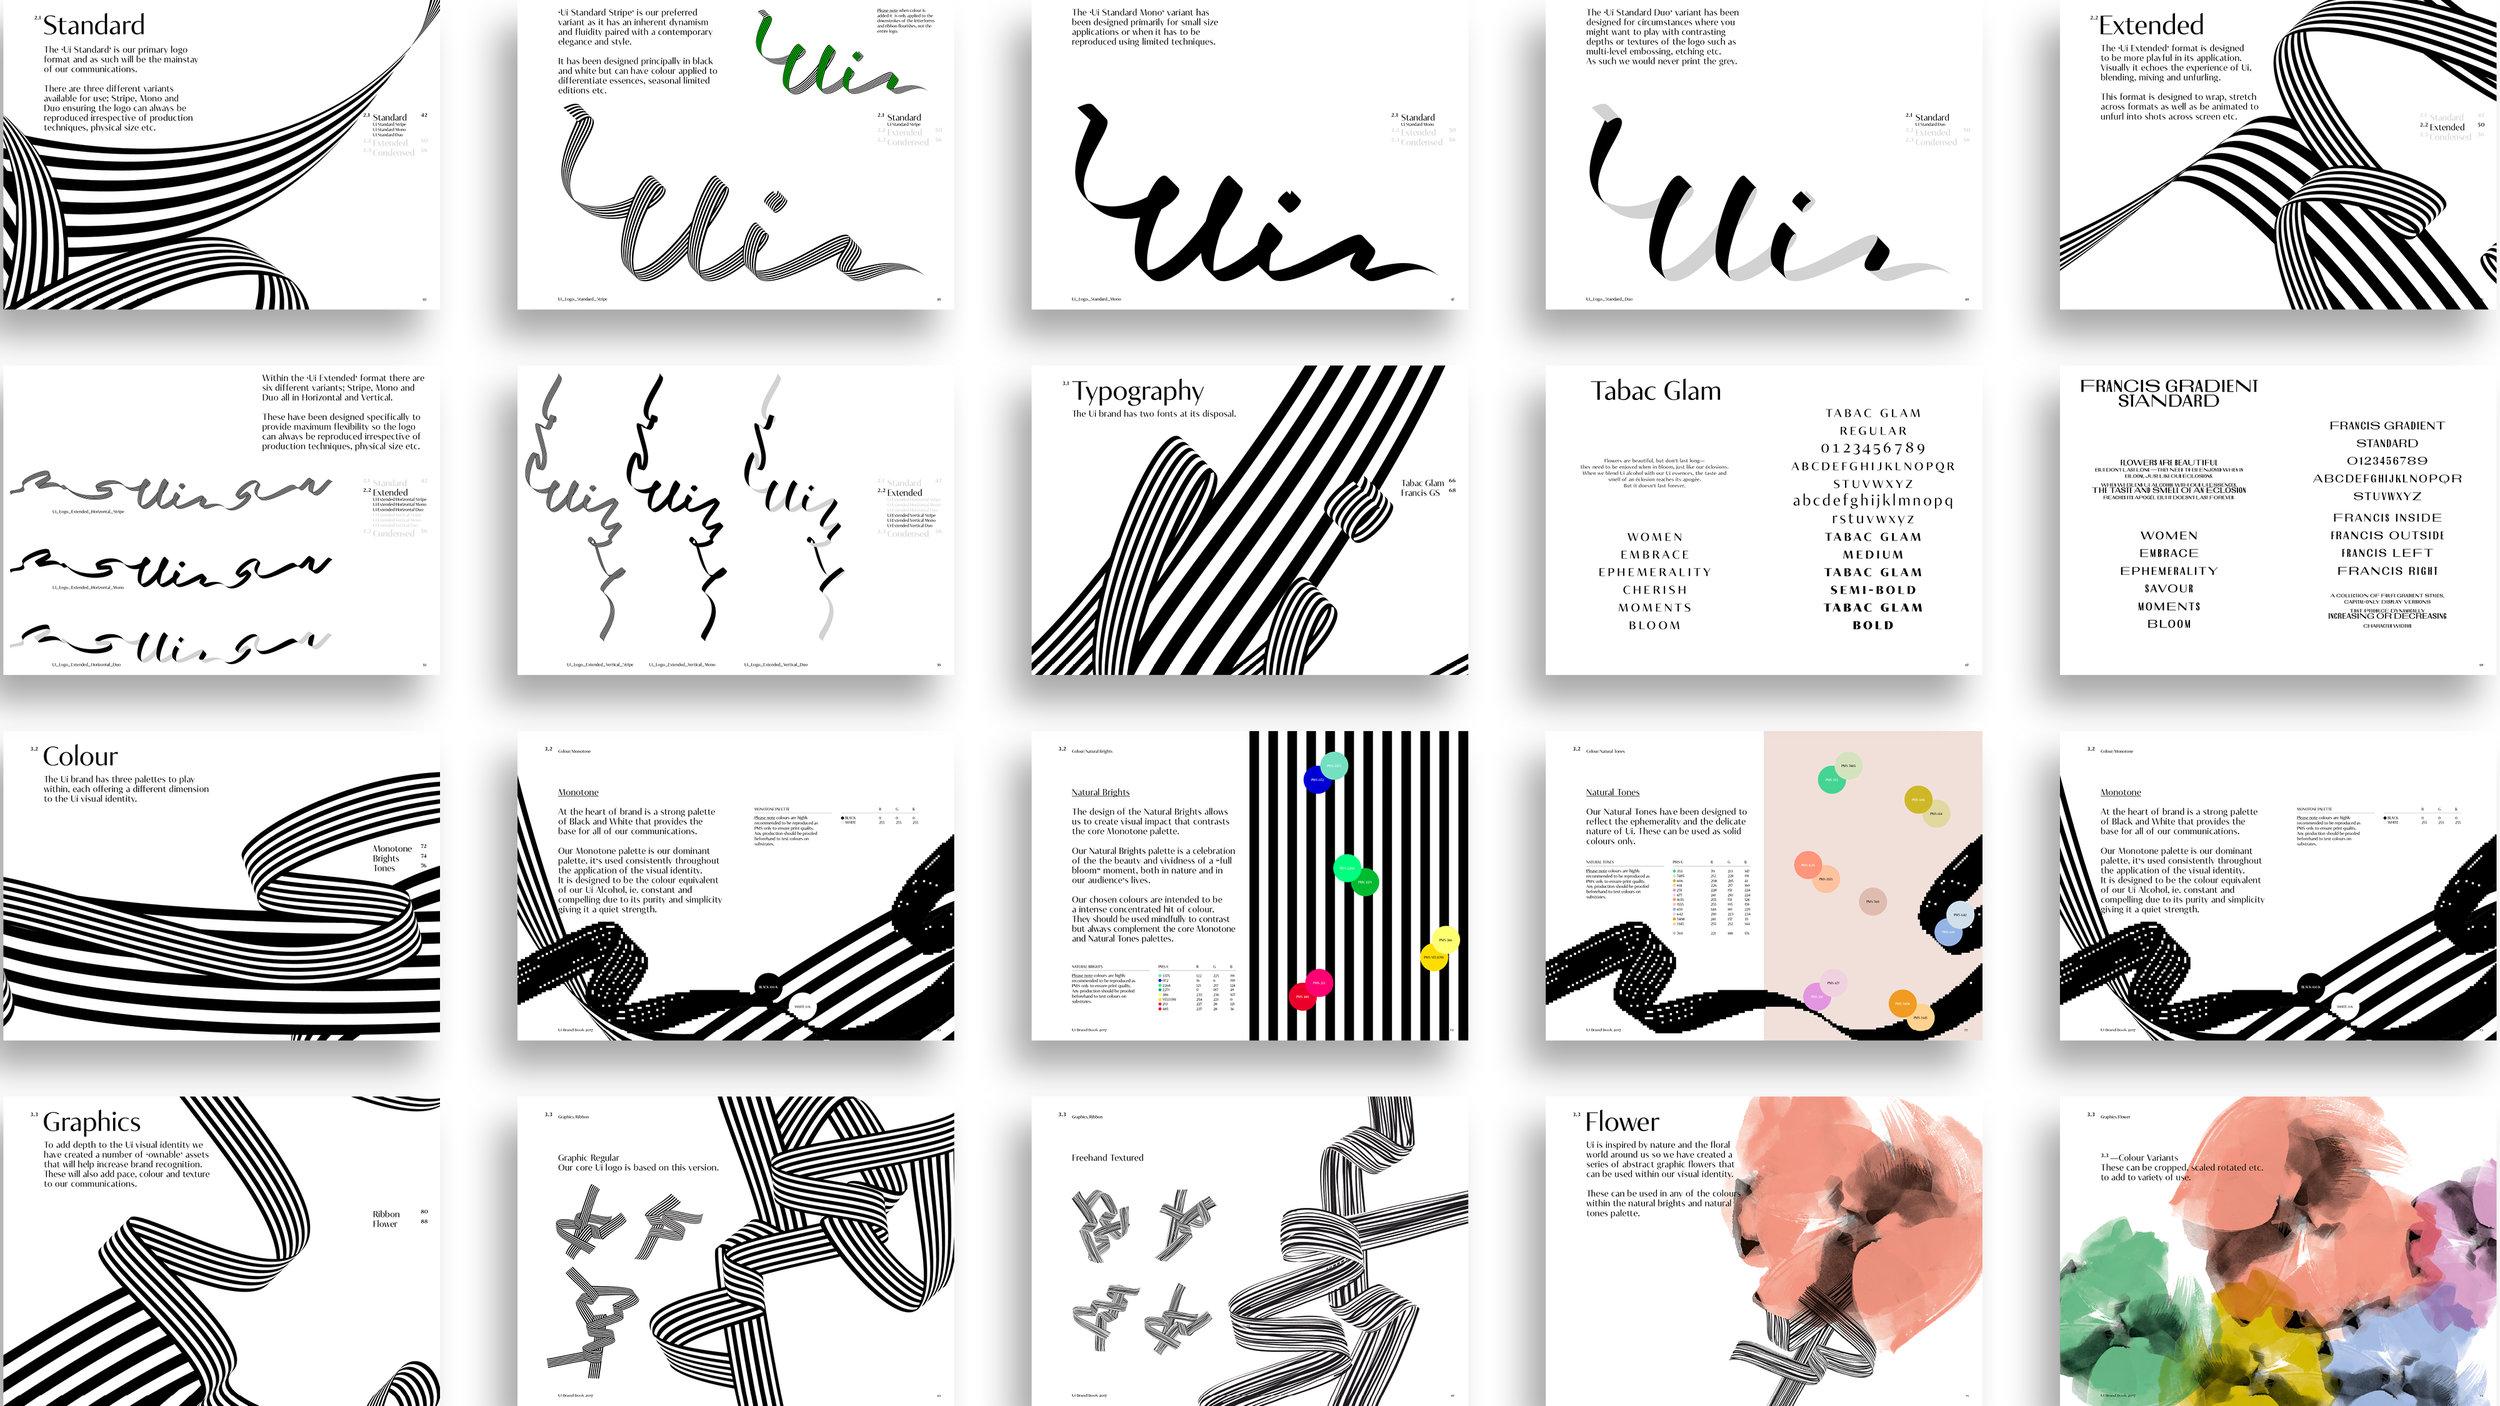 Ui—Brand New10.jpg